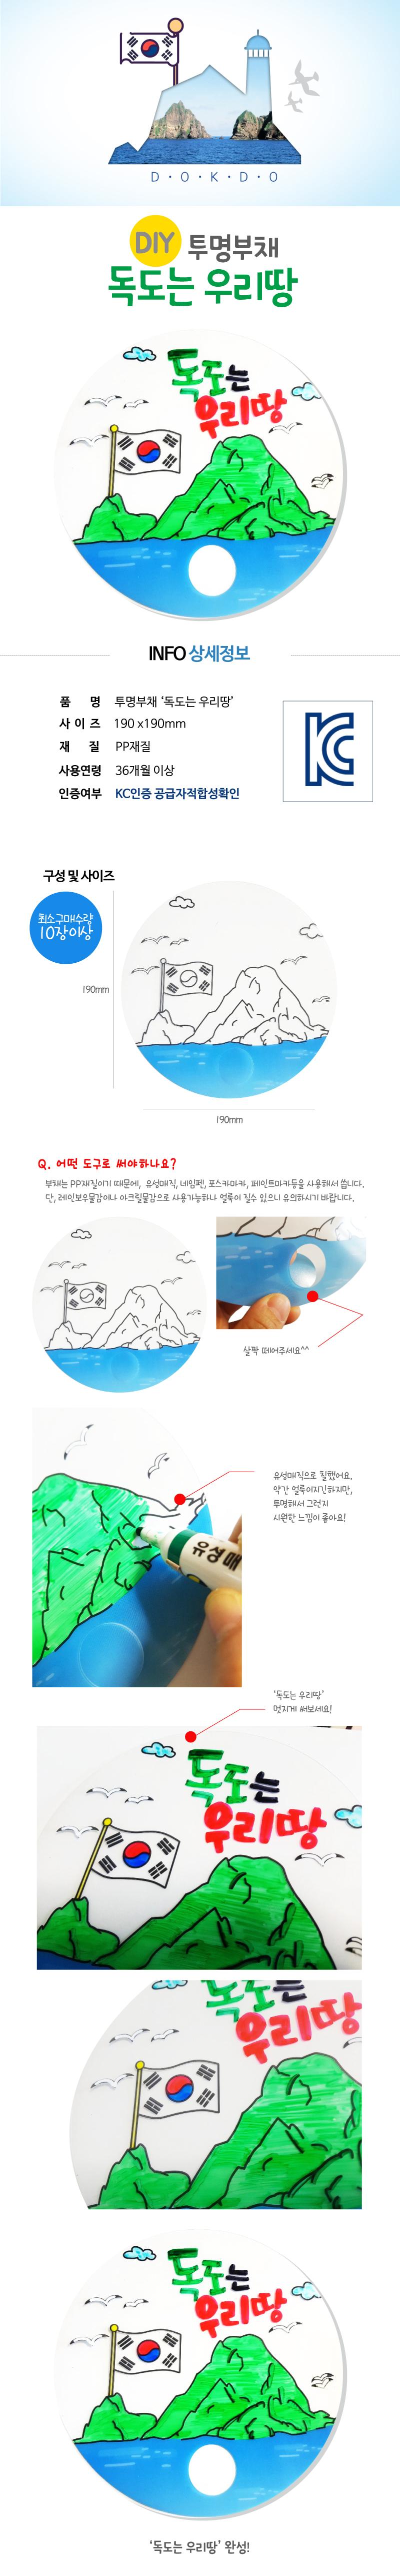 투명부채-독도는우리땅(10장) - 피오피스토리, 8,000원, DIY그리기, 캐릭터 그리기